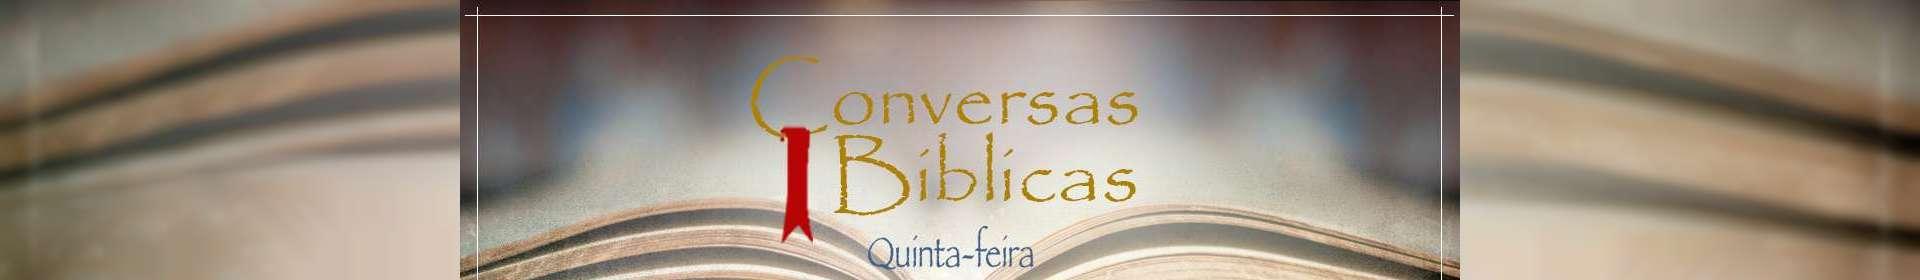 Conversas Bíblicas: Israel e a igreja - Parte 3